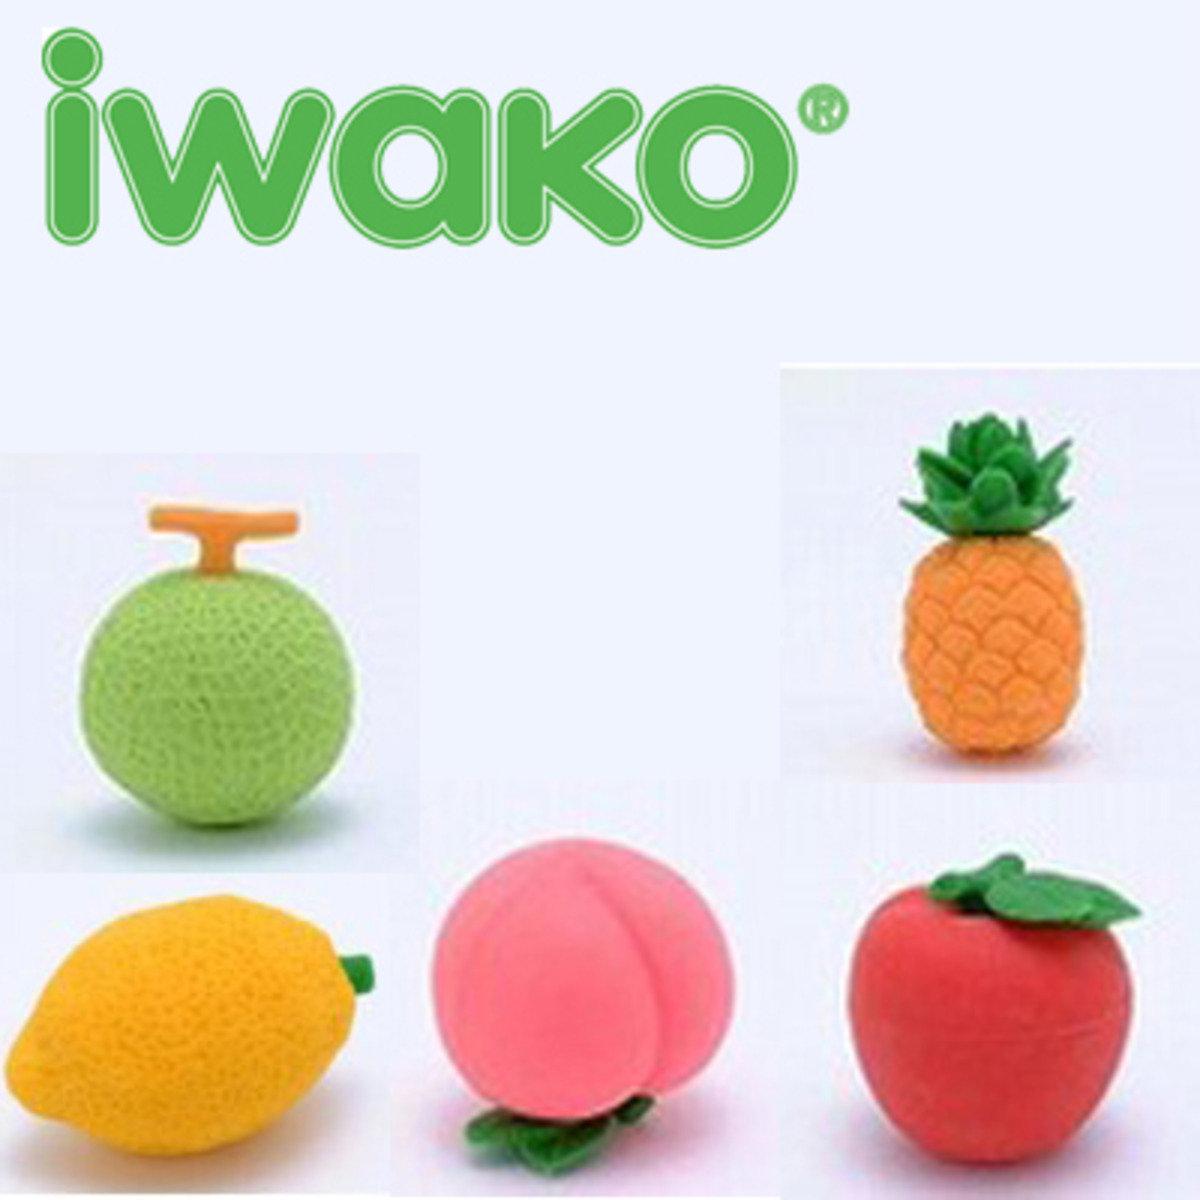 日本製 NO PVC 環保水果造型 橡皮擦 (一套5款)